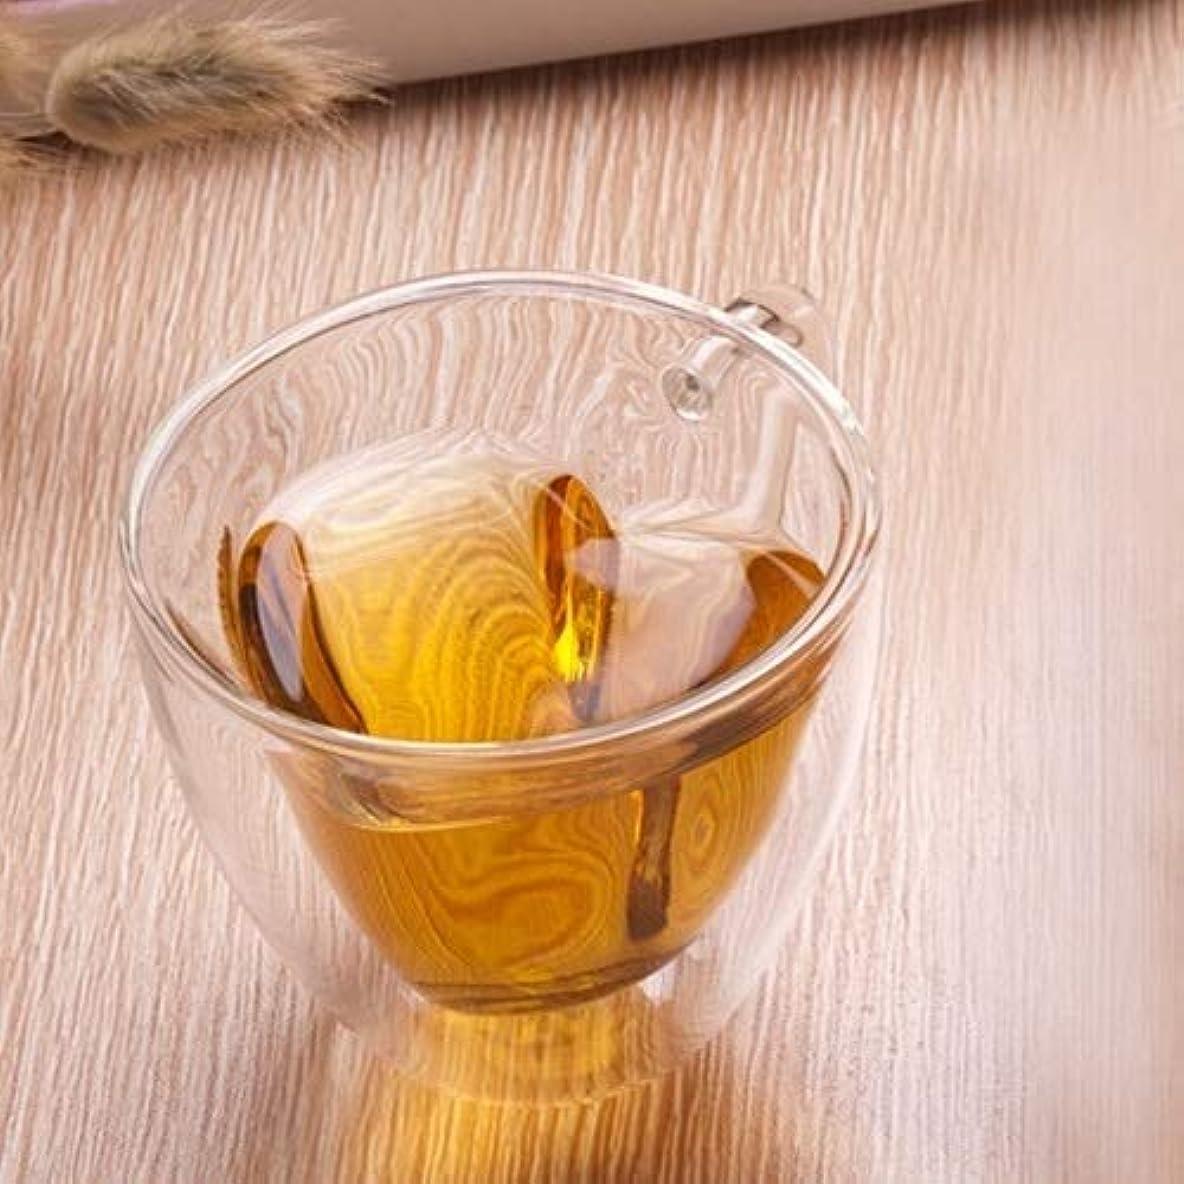 マニュアルローラー統治可能ホームカップ 2個のPCSハート型二重壁ガラスマグカップ耐性透明ティーカップ マグカップ?ティーカップ ( 色 : 180ml )